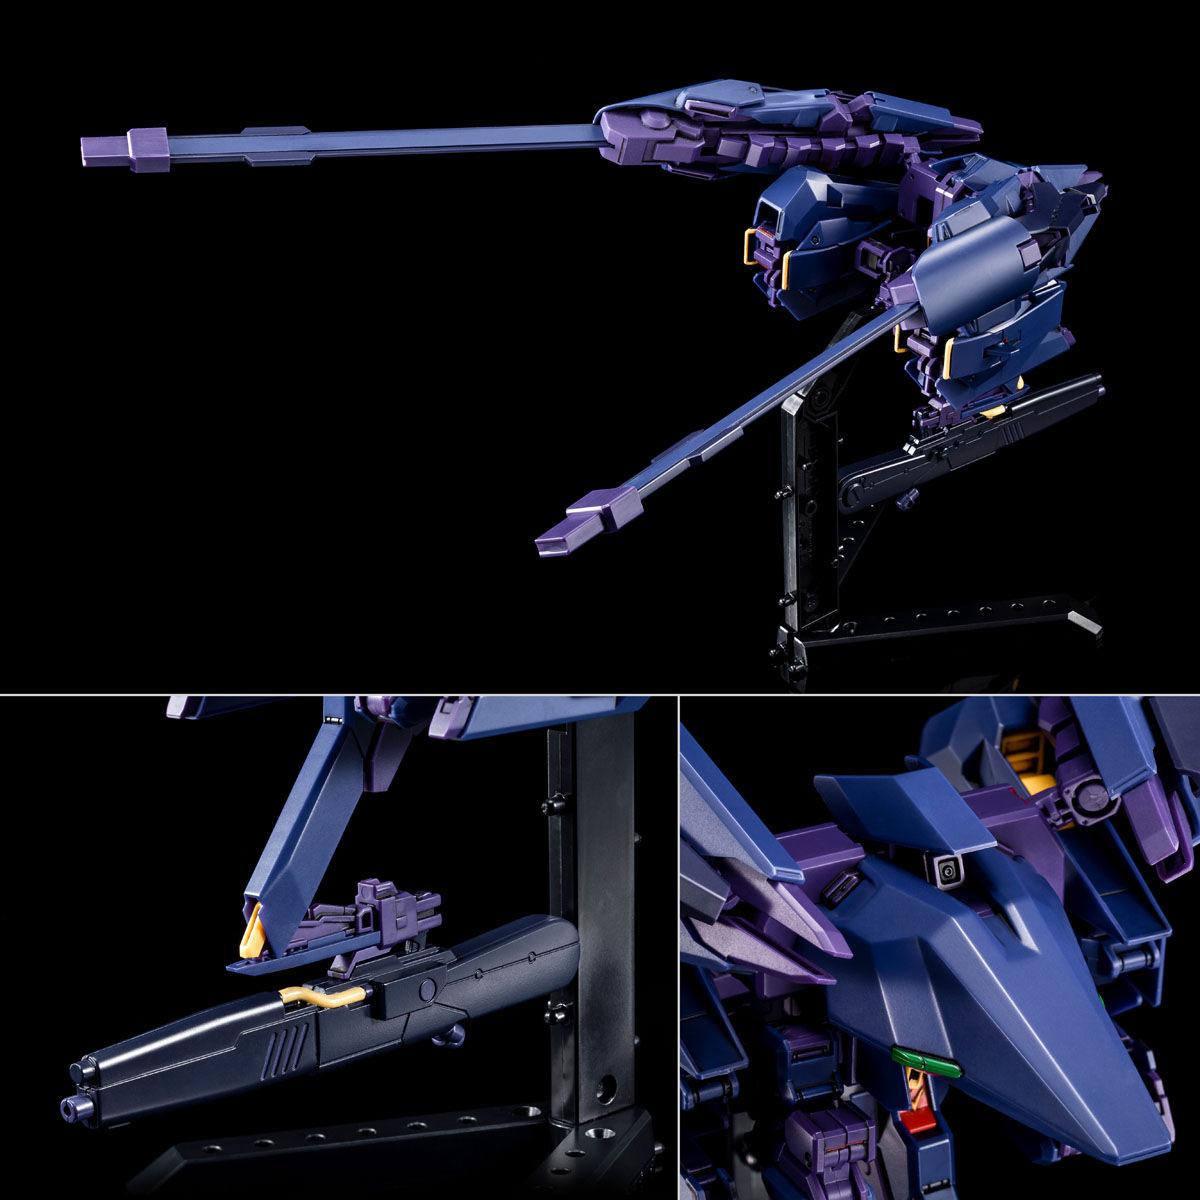 HG 1/144『ガンダムTR-6[ヘイズルII]』ADVANCE OF Ζ プラモデル-010